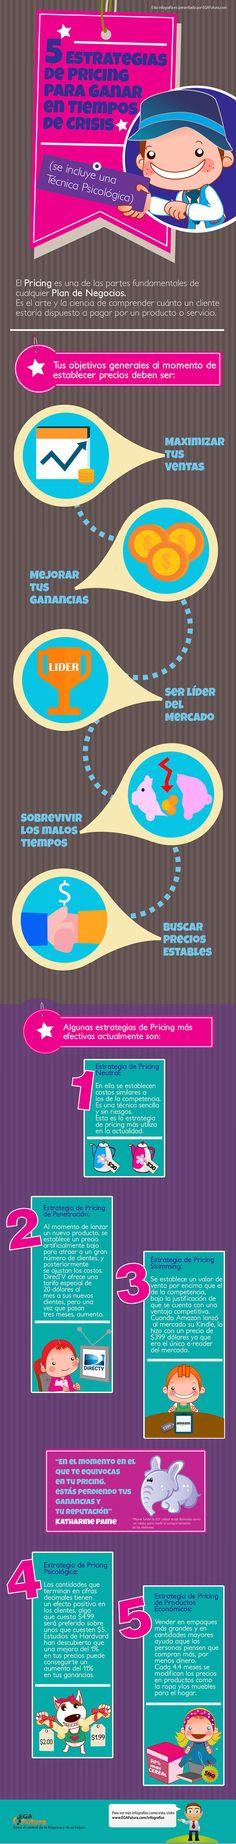 #Infografia #Marketing 5 Estrategias de Pricing. #TAVnews